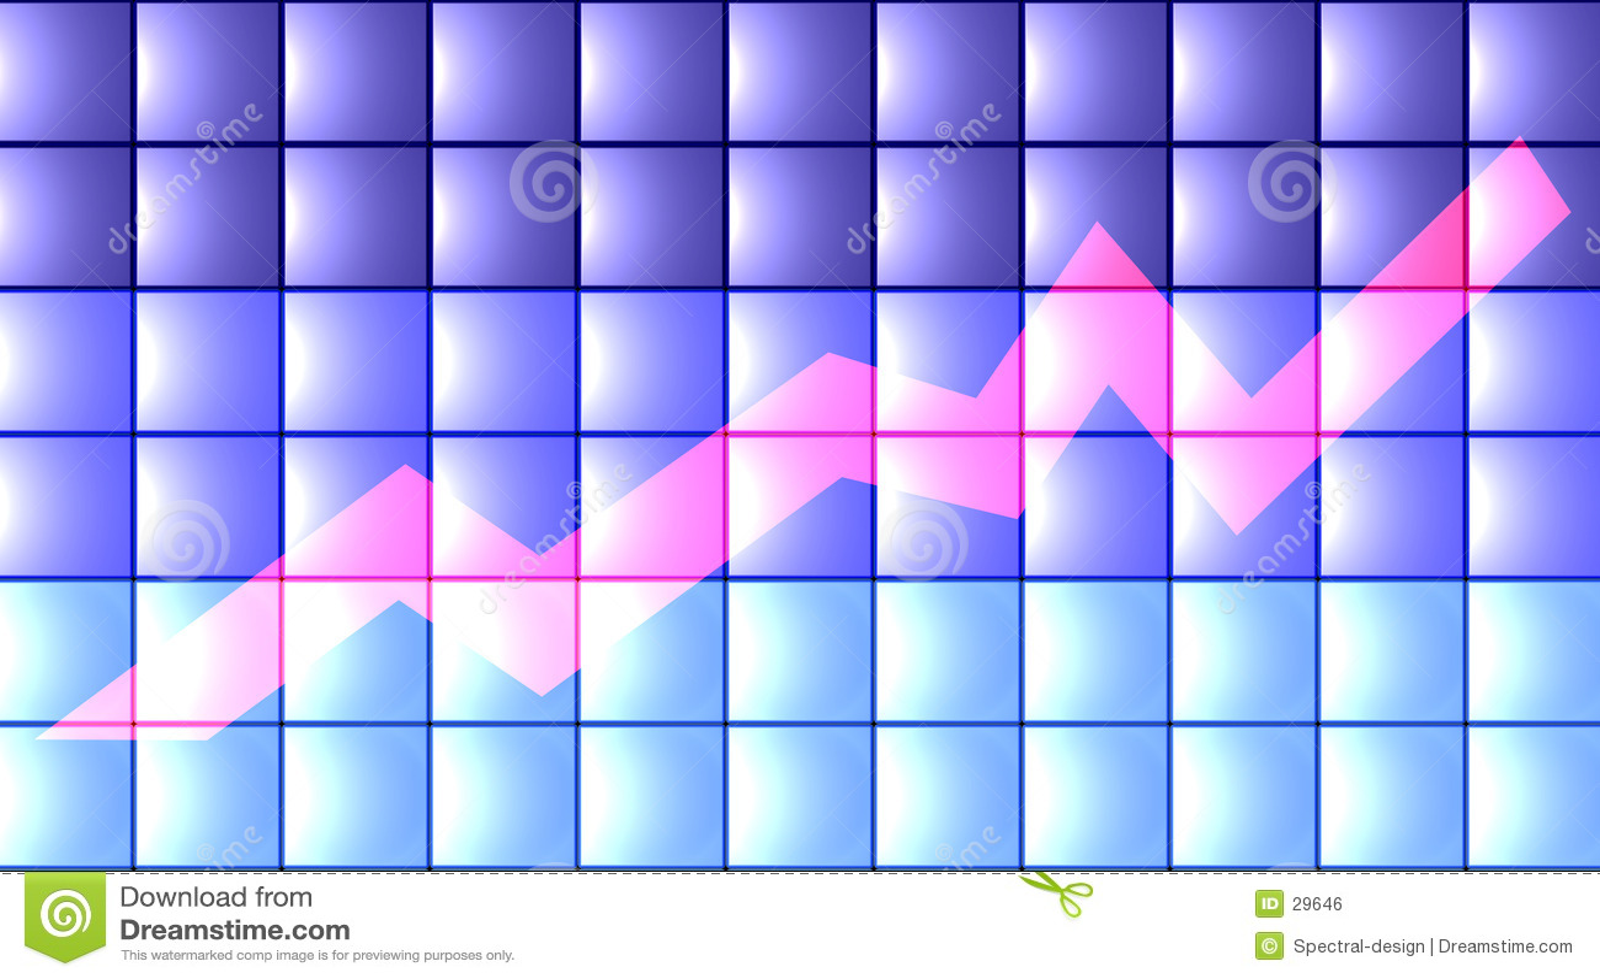 3D Chart - flat